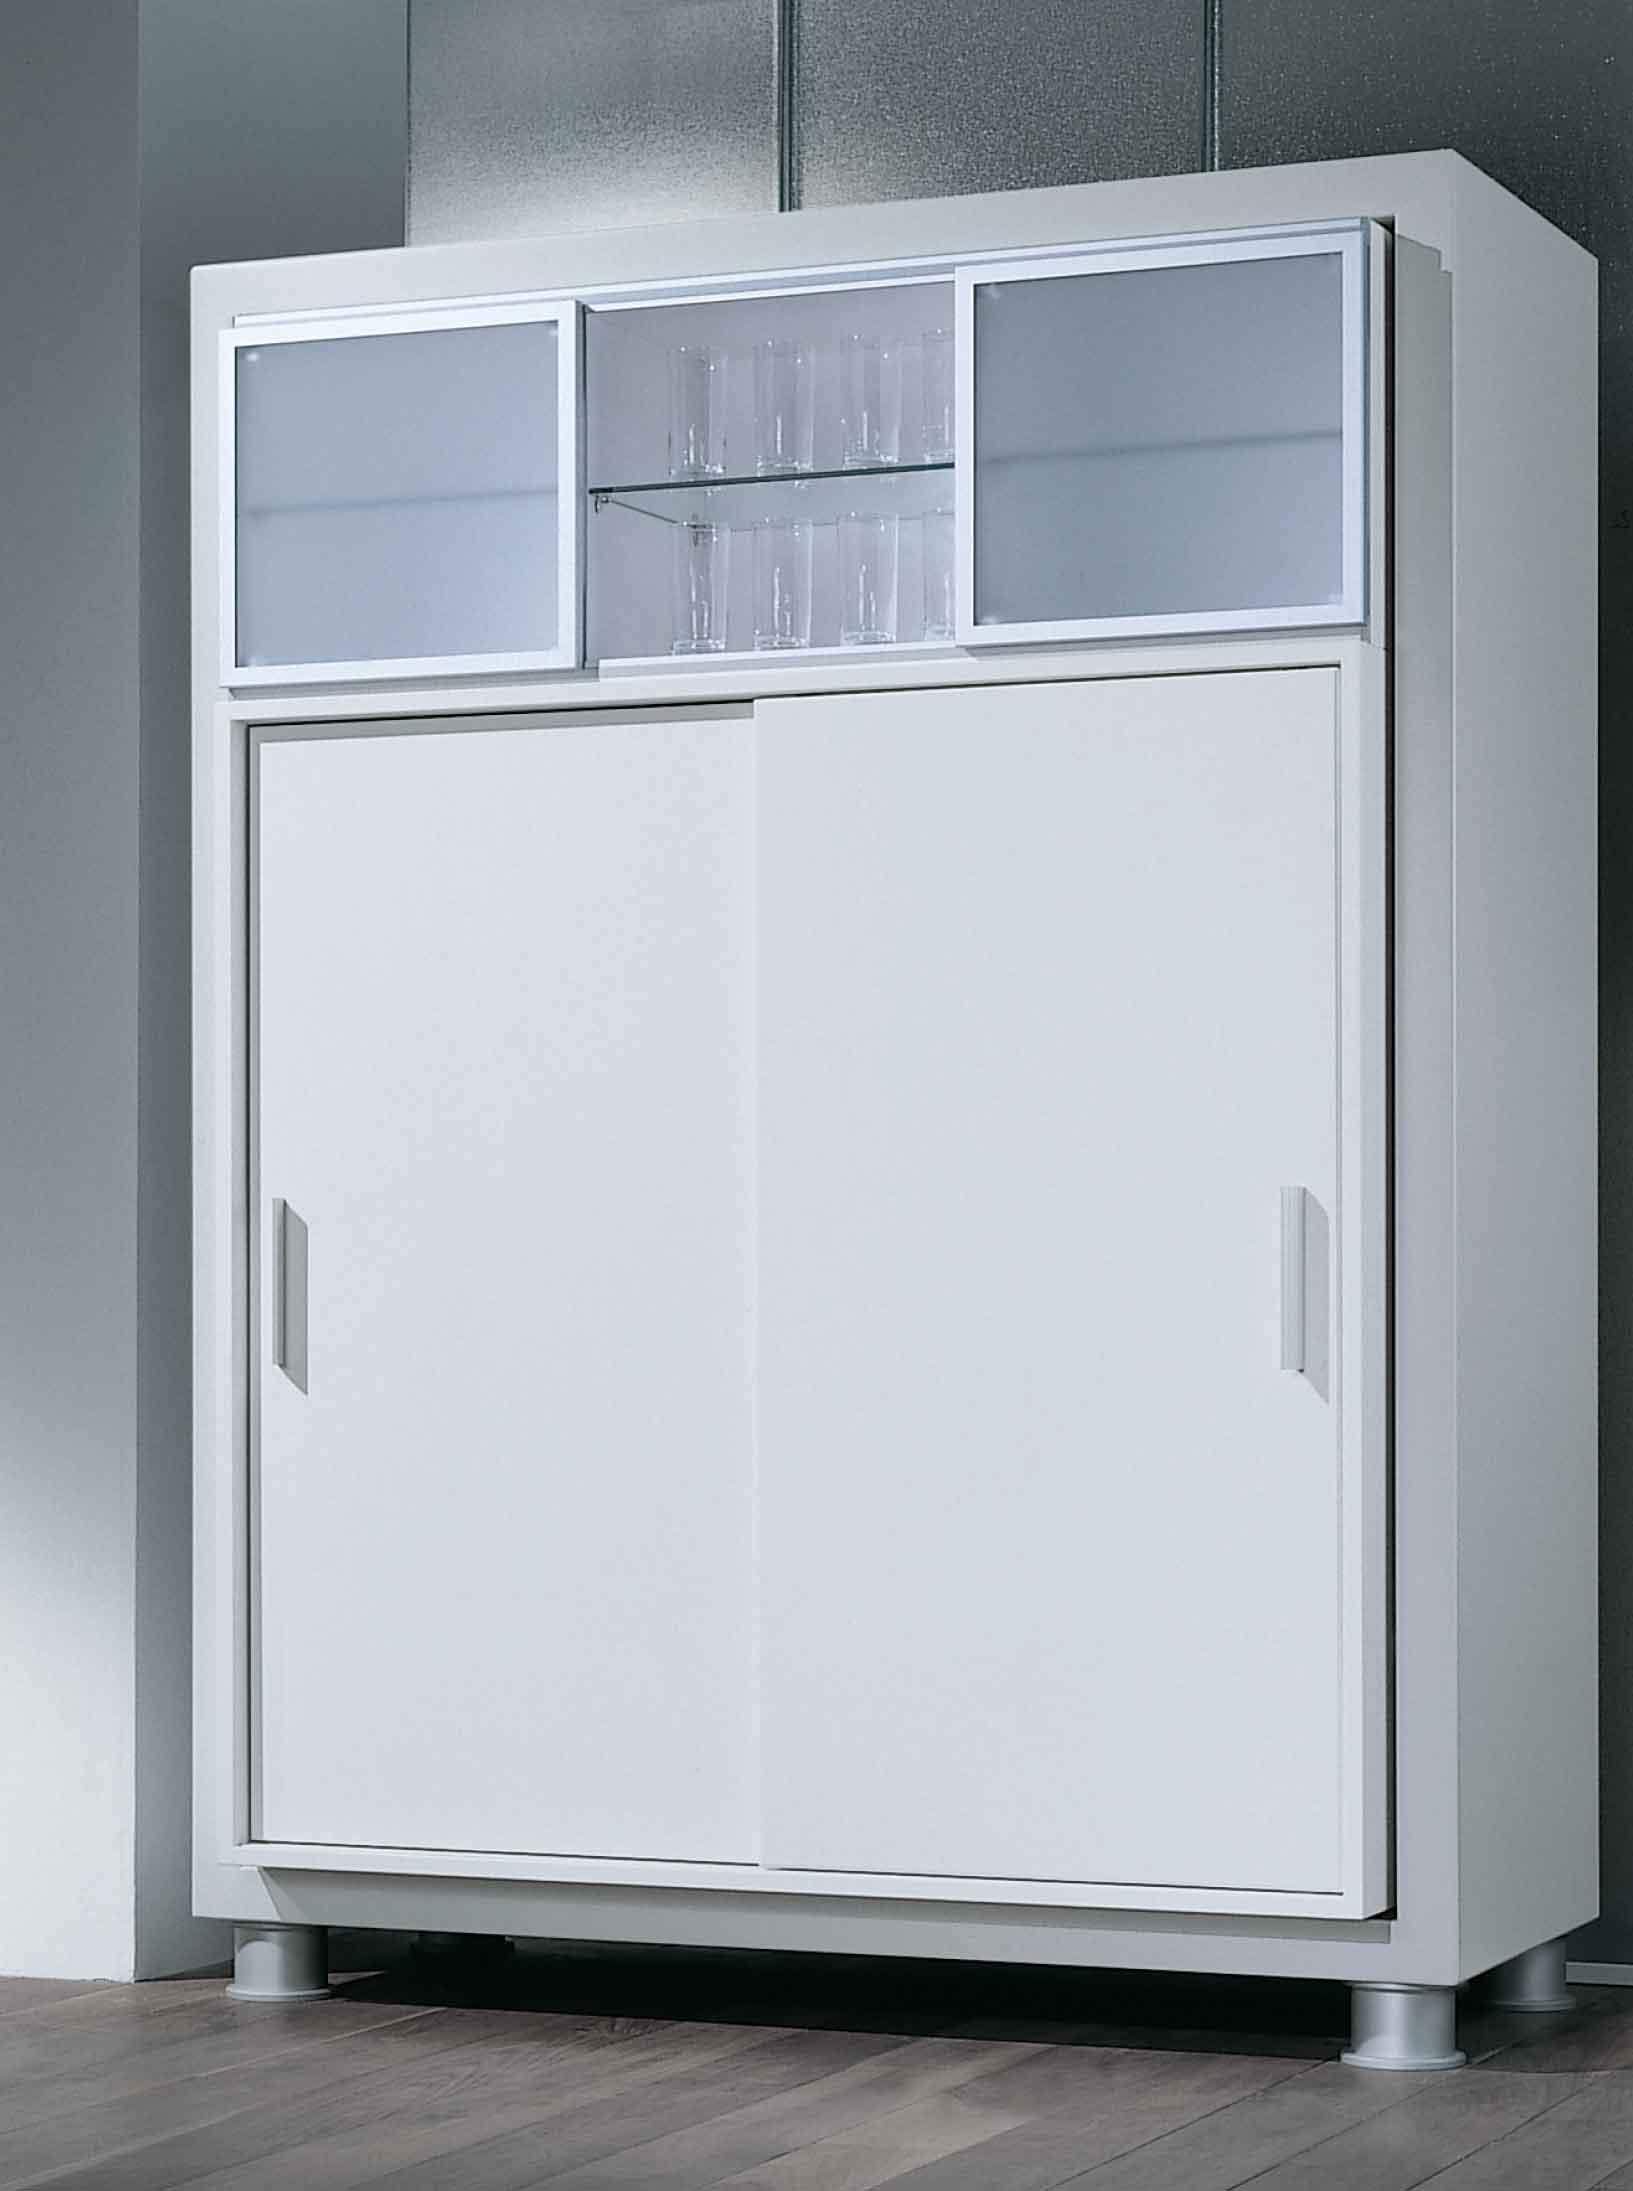 For Inset doors